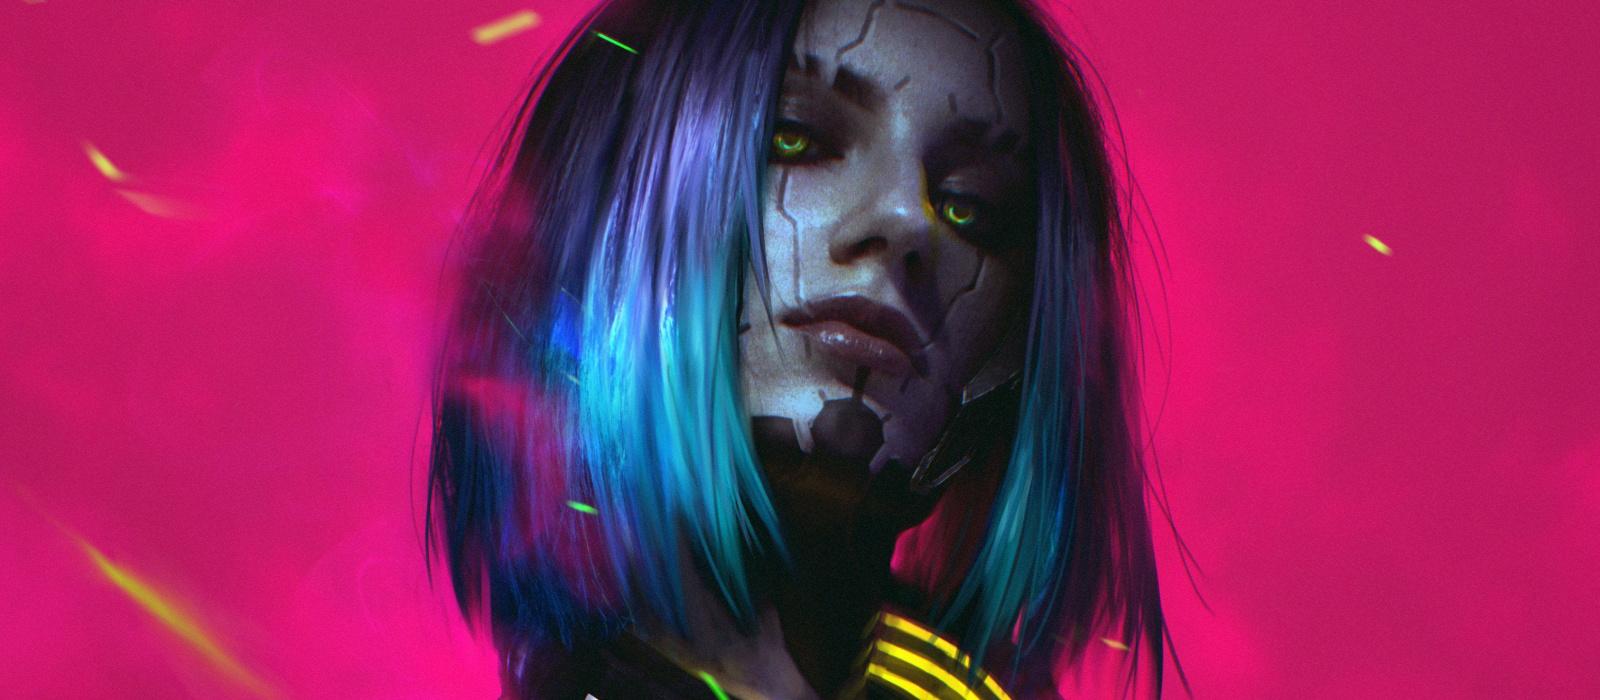 Werfen Sie einen Blick auf No Man's Sky: Lead Designer für Cyberpunk 2077 erklärt, warum Entwickler nicht mit Spielern kommunizieren